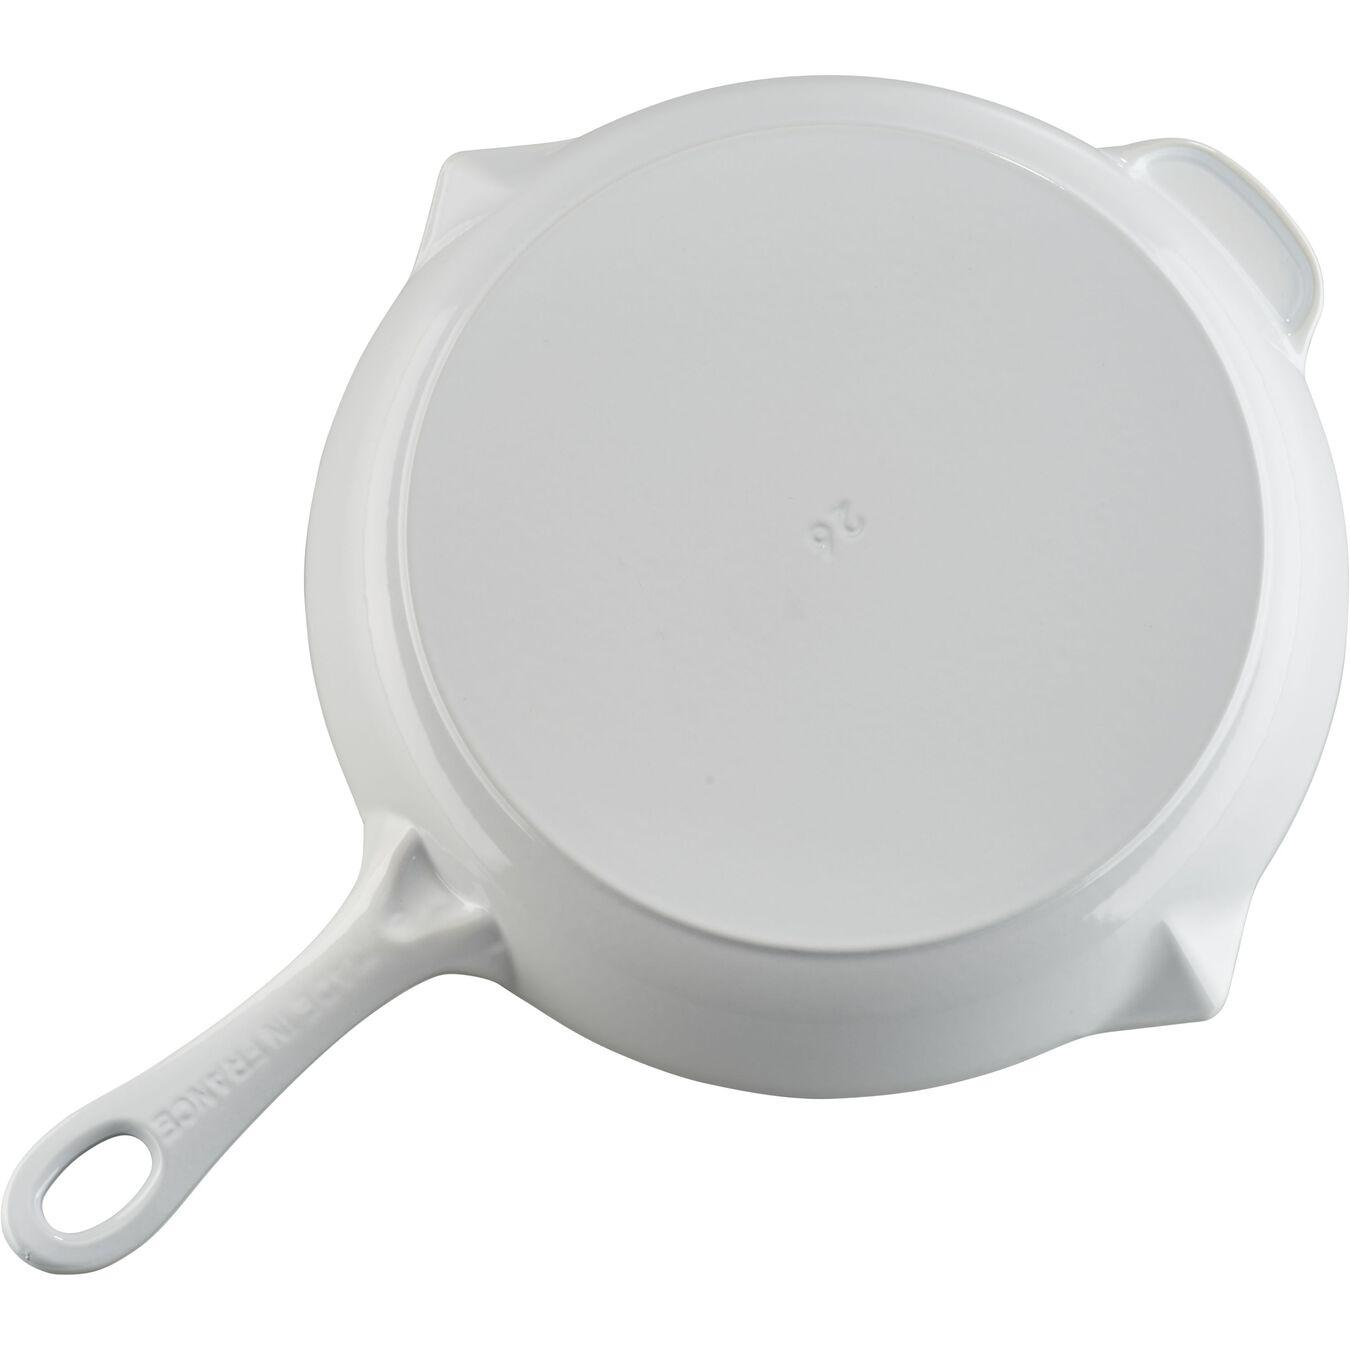 10-inch, Frying pan, white,,large 3